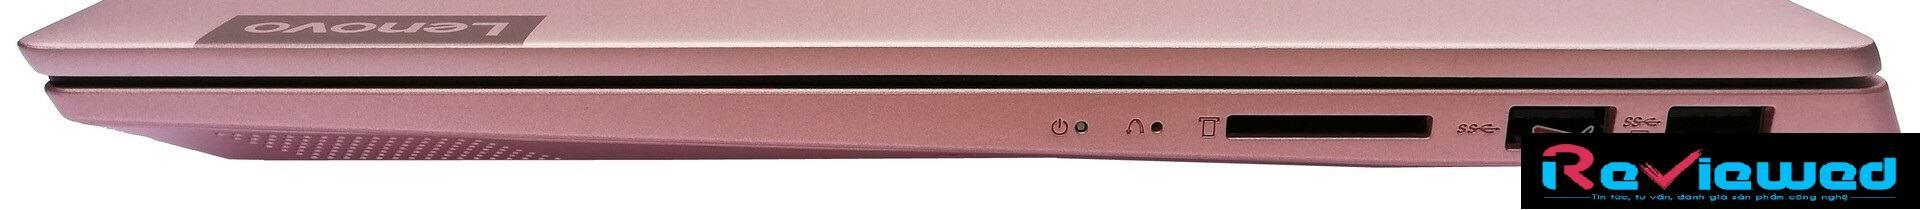 đánh giá Lenovo IdeaPad S340